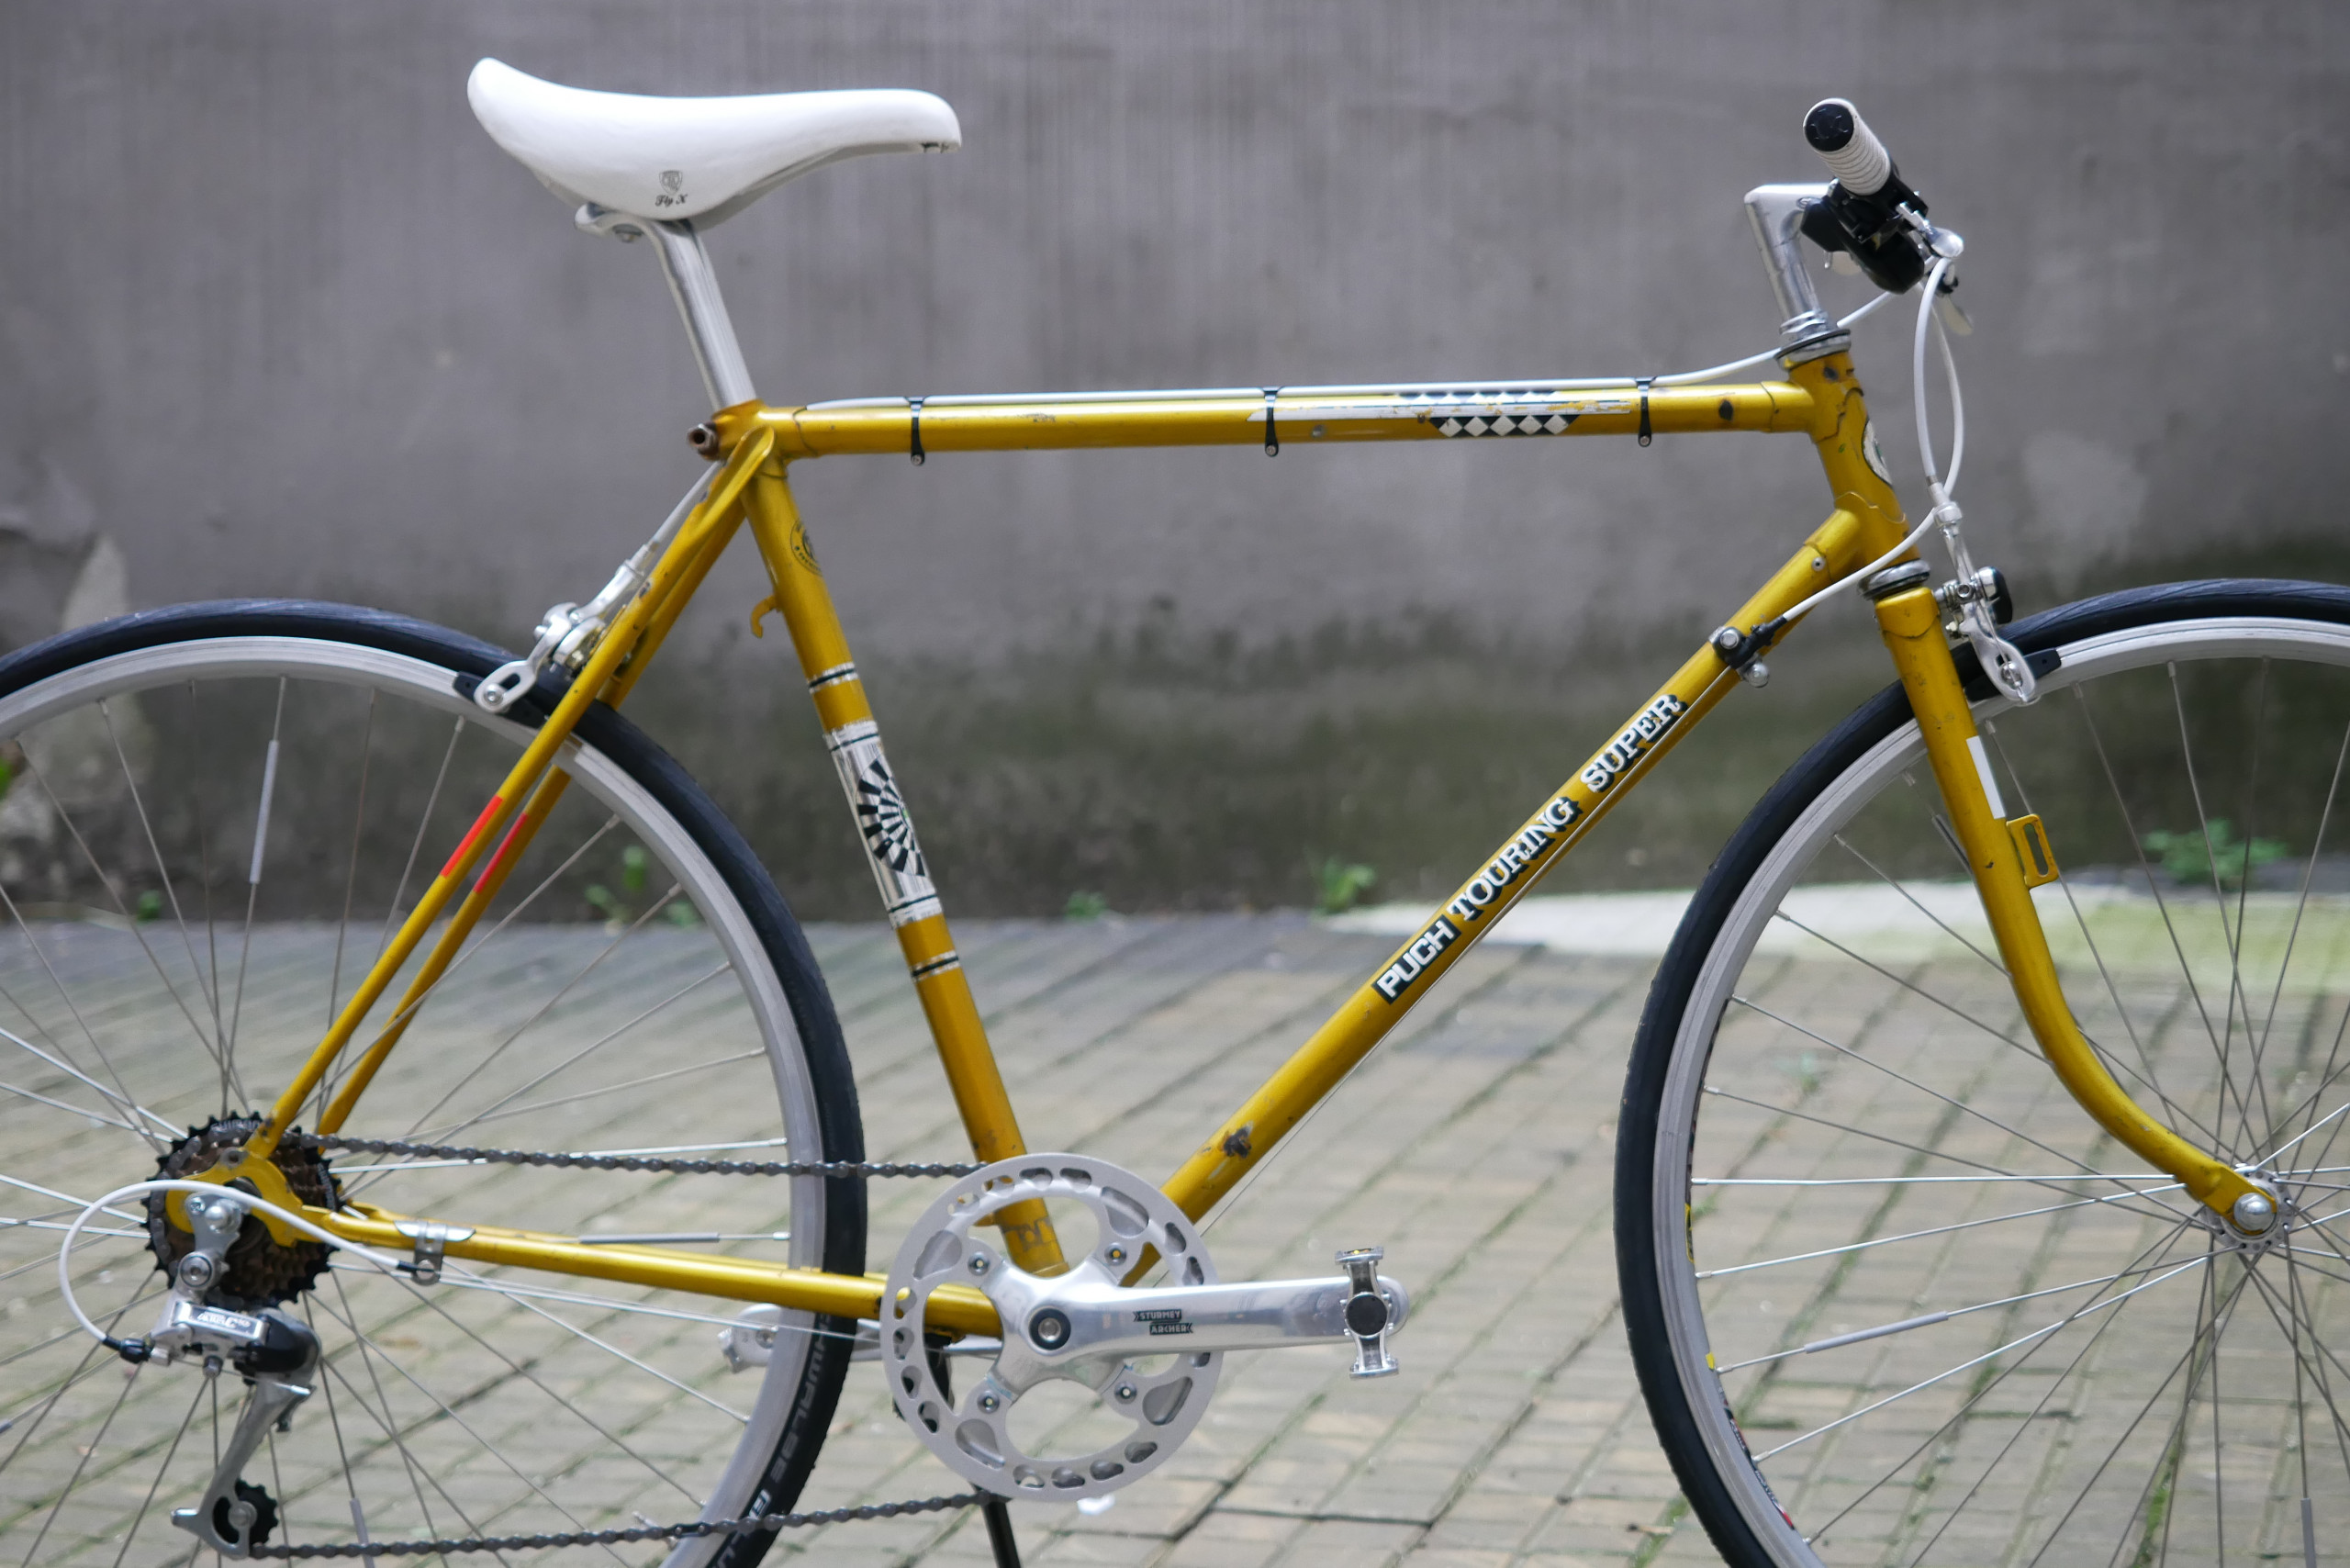 P1080218 scaled - SHOWROOM - custom bikes - neubau - vintage bikes